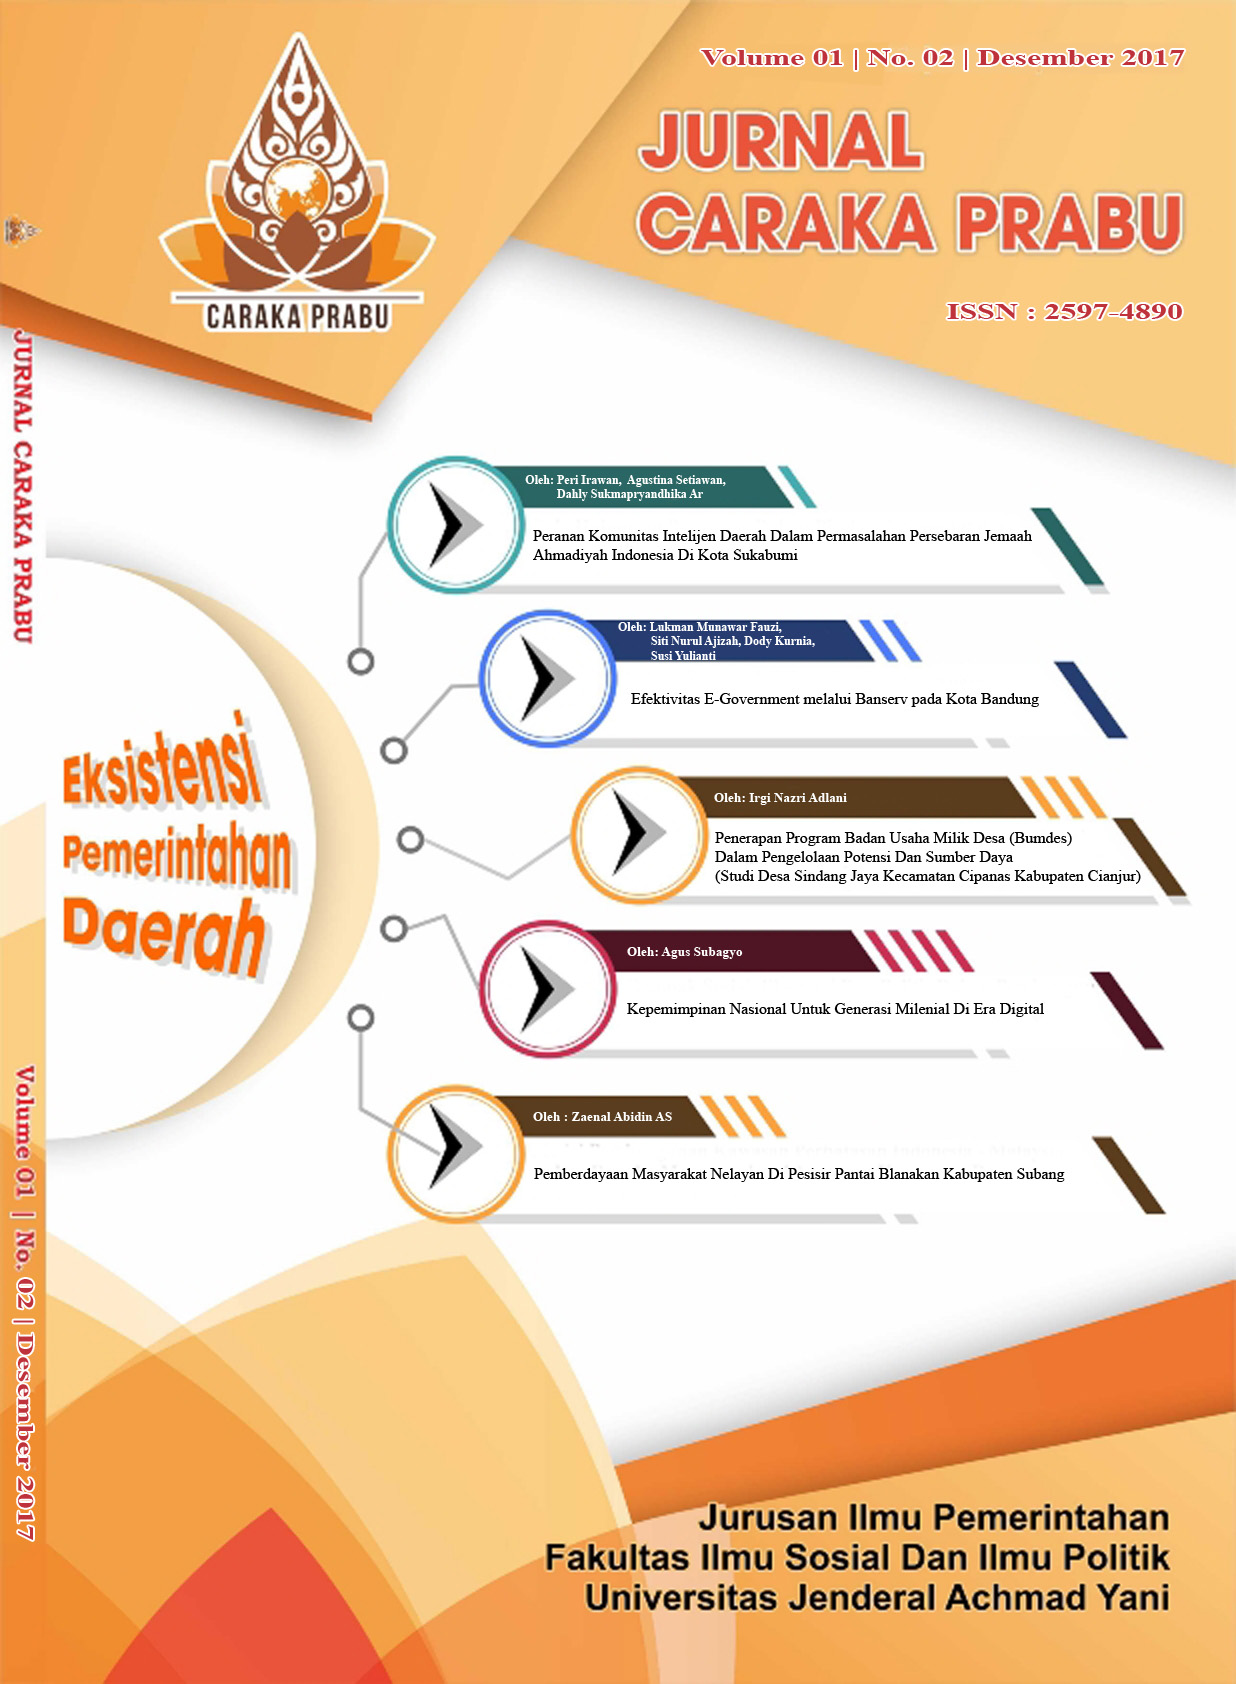 Caraka Prabu Vol.1 No.2